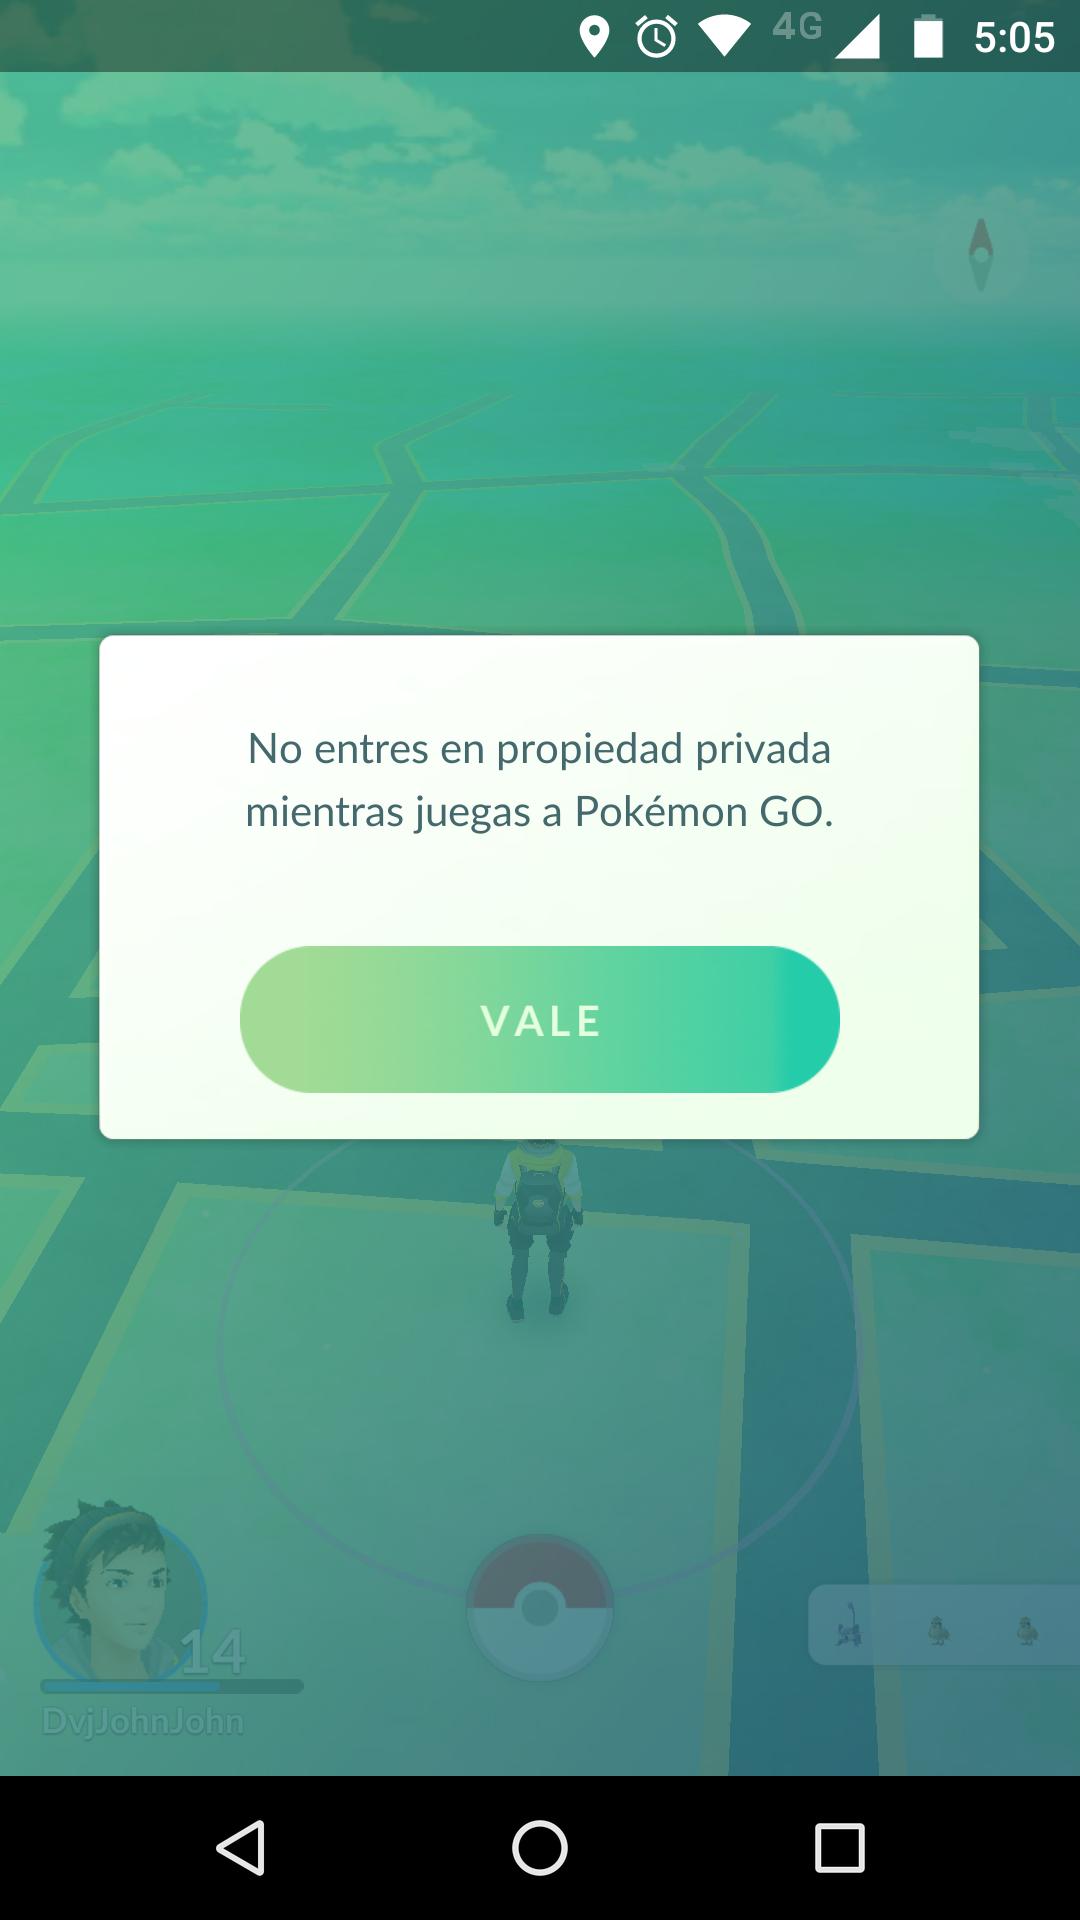 alerta-acceso-propiedad-privada-pokemon-go